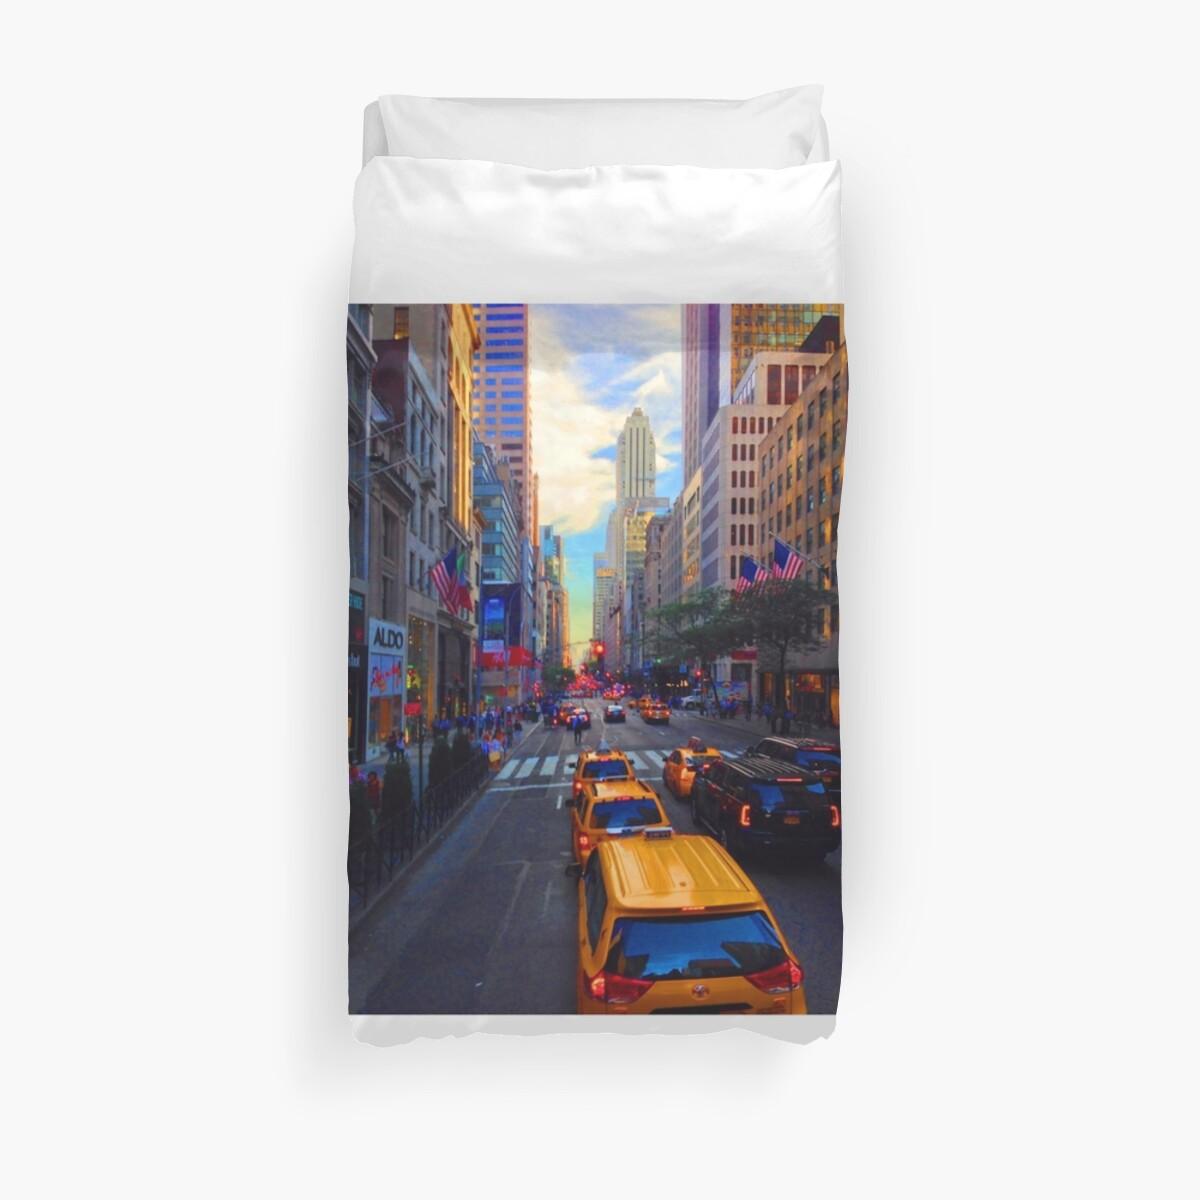 «New York City» de robothead